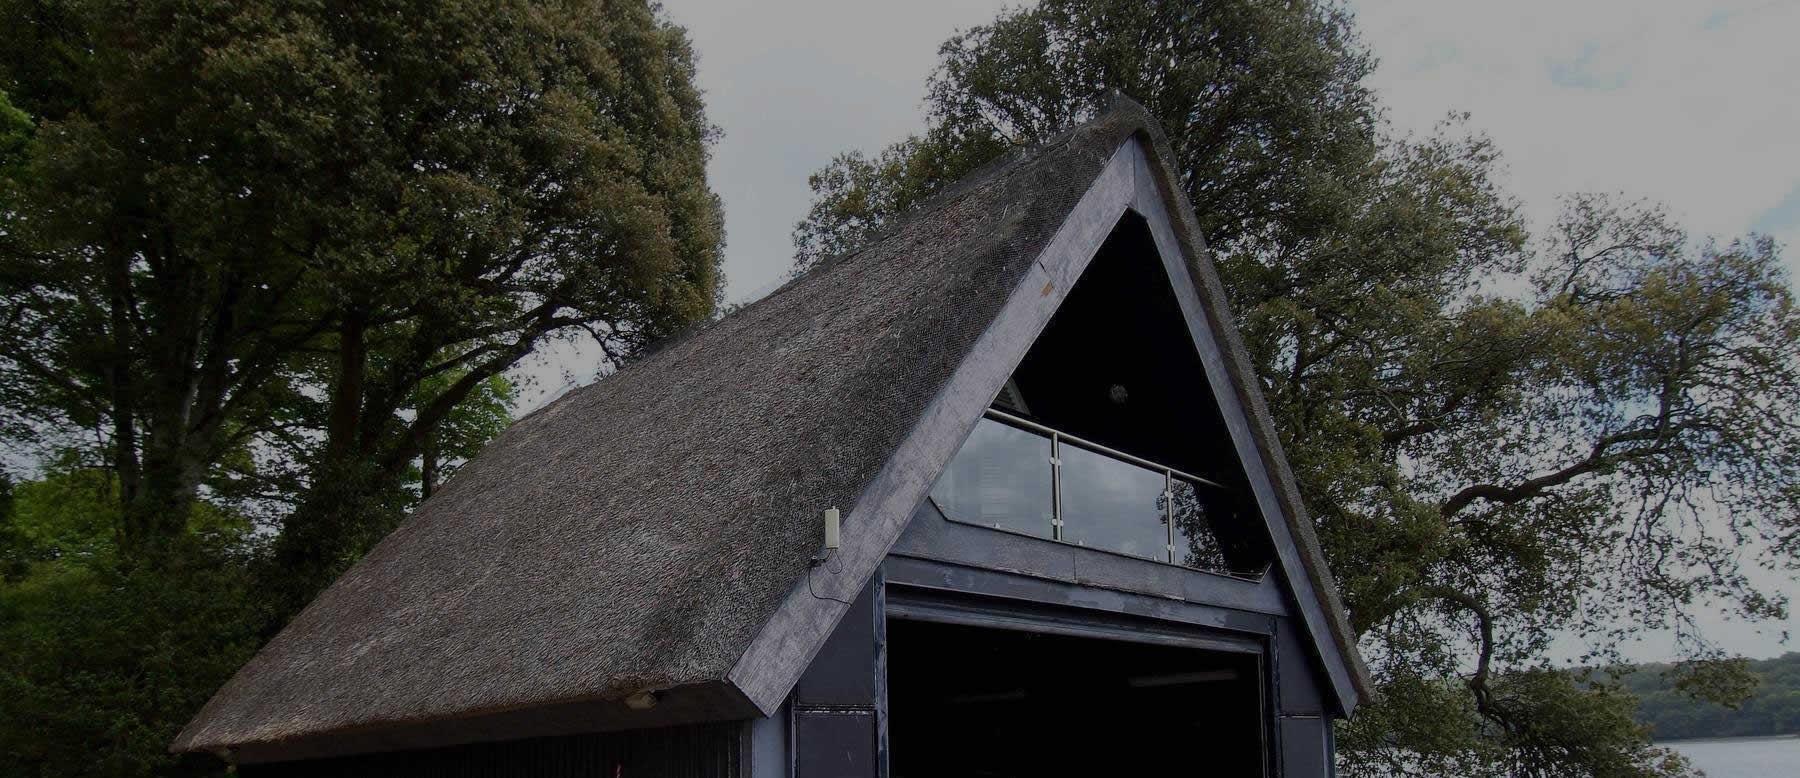 boat house luxury accommodation ireland